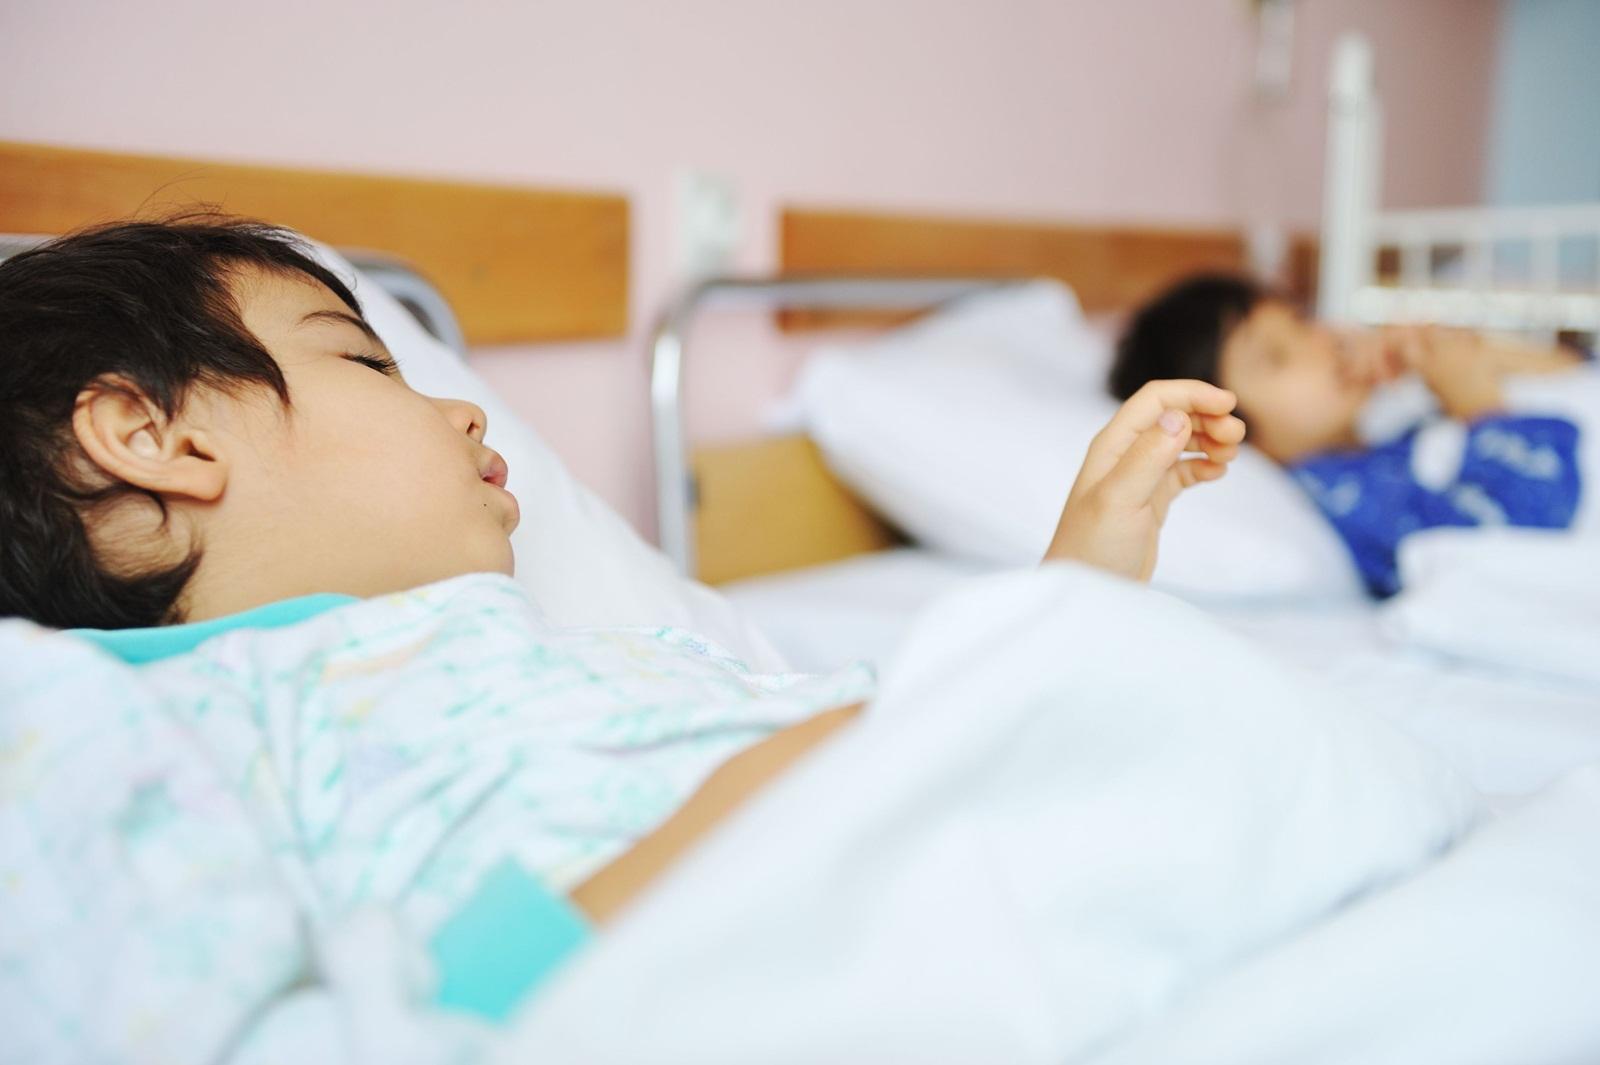 รู้ทันโรคโลหิตจางในเด็ก thaihealth